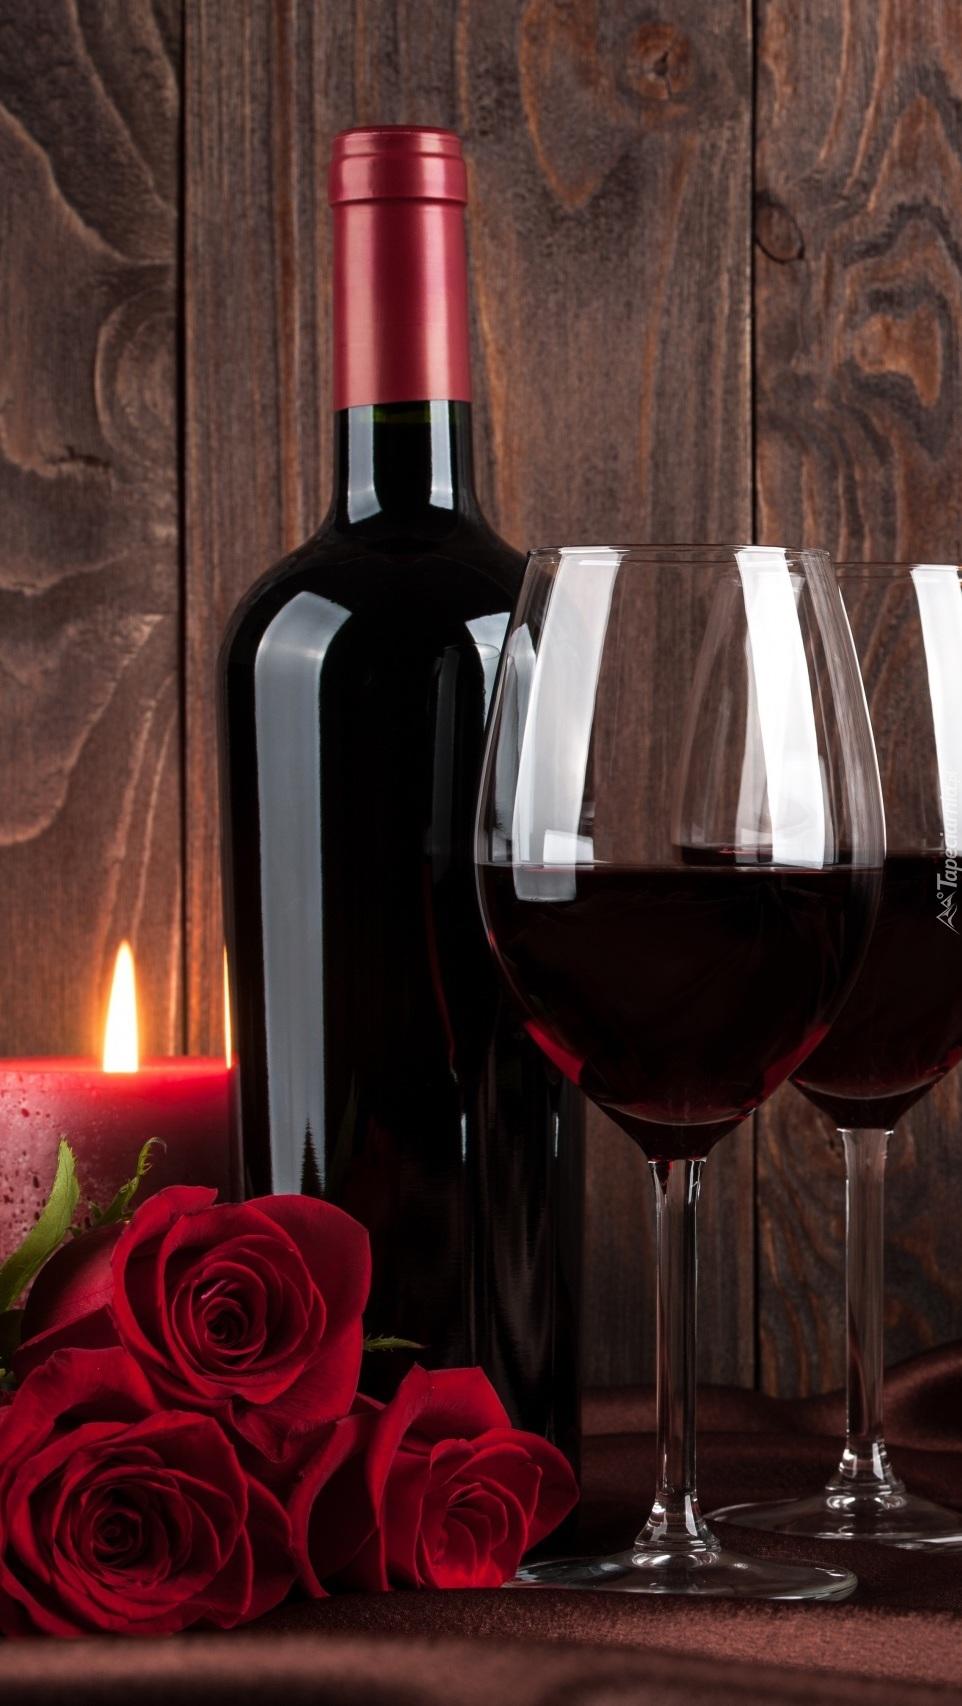 Czerwone wino i róże